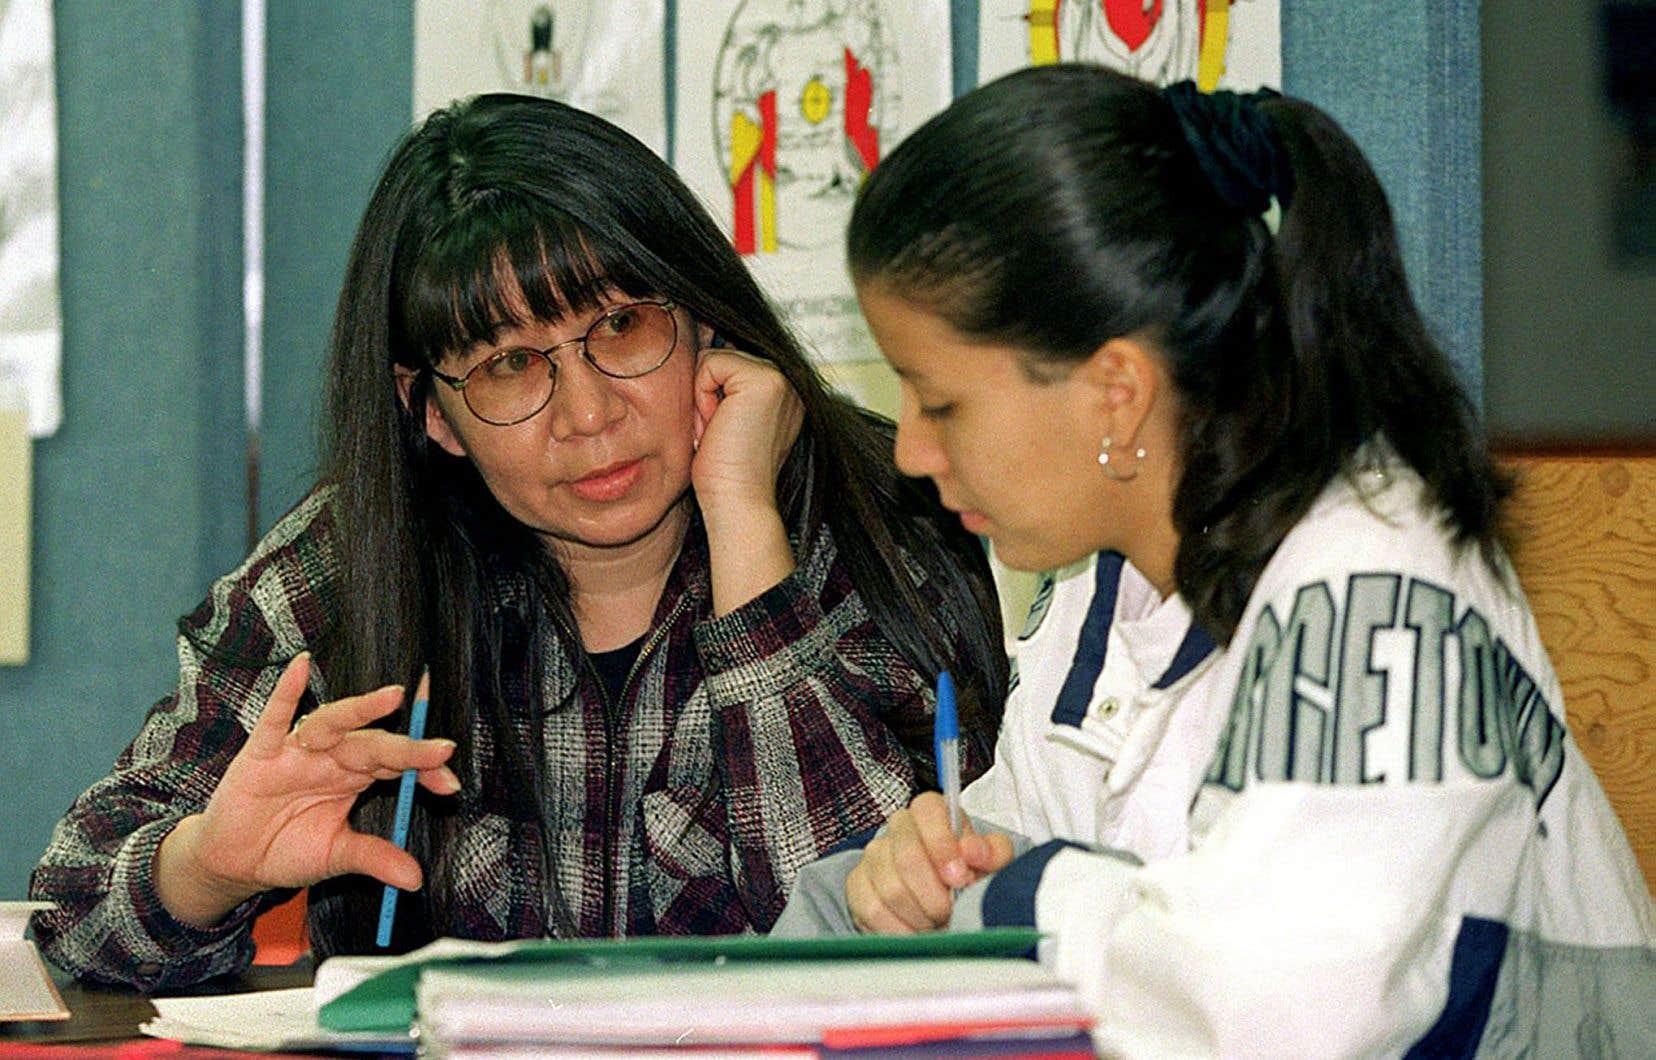 L'approche préconisée par Ottawa pour assurer la survie de ces langues, voire leur mémoire, est très variable.